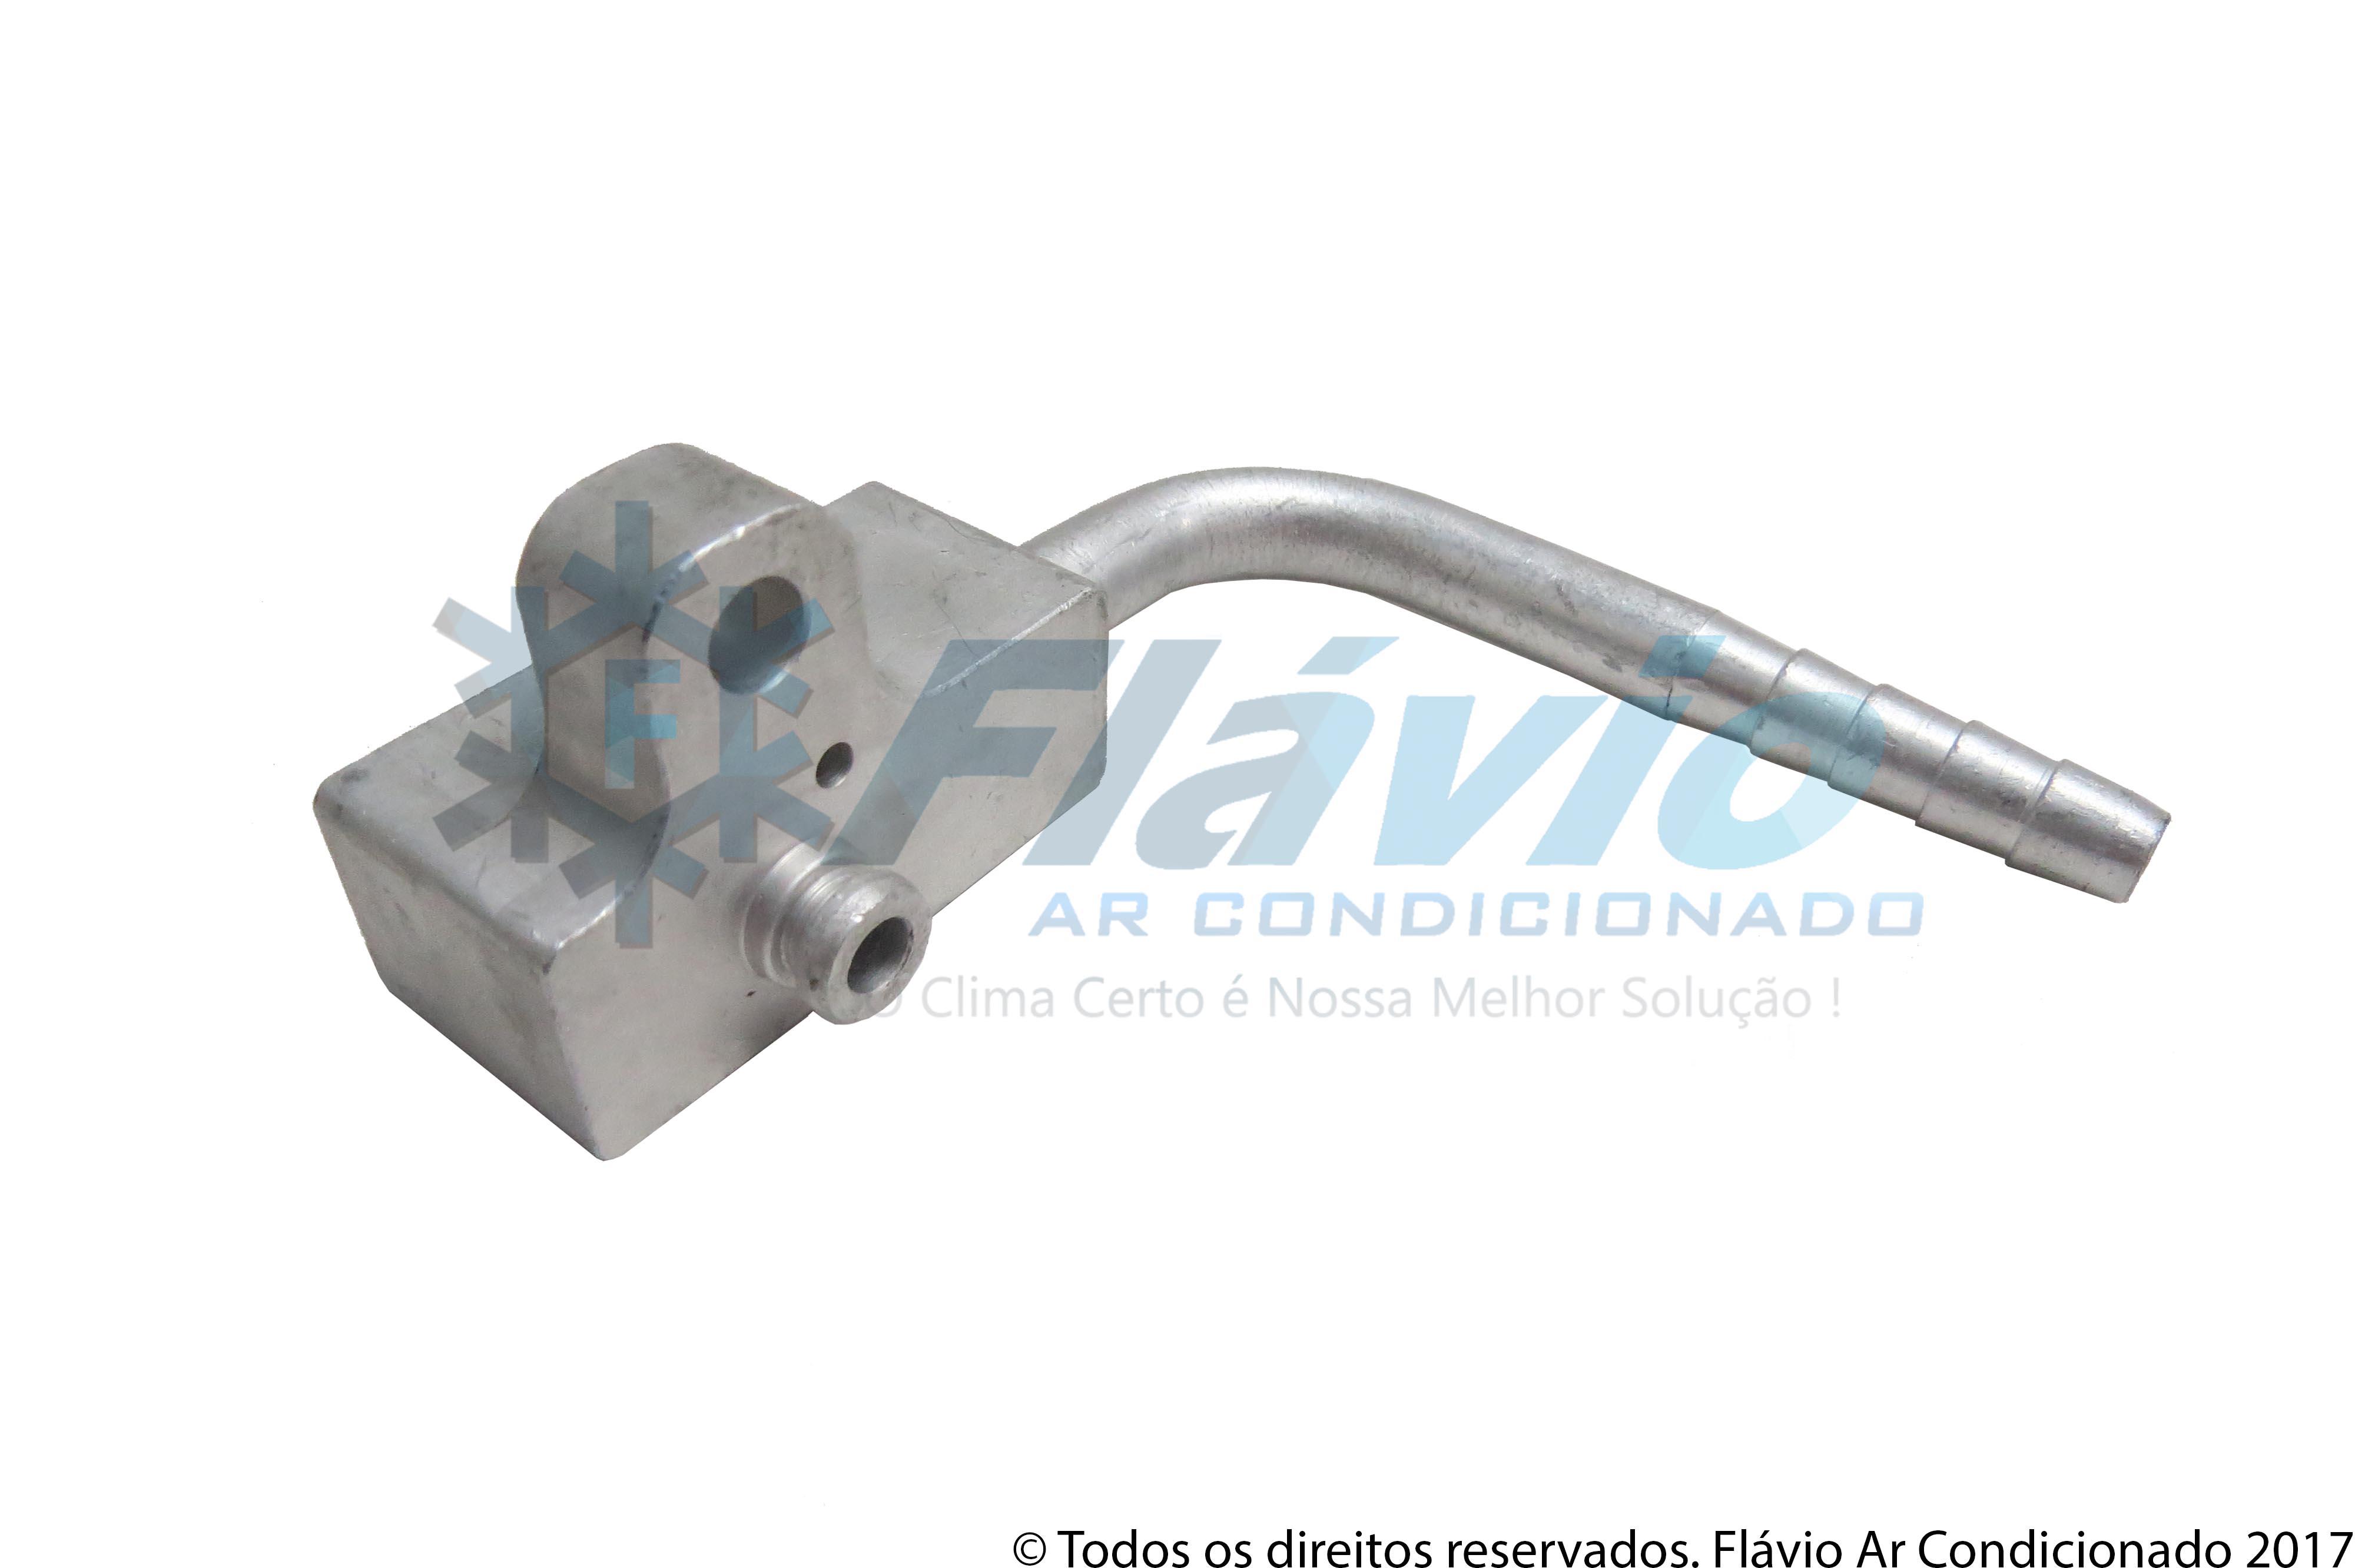 CONEXAO BLOCK FITTING 6MM 90º ALUMINIO COM ENTRADA PRESSOSTATO